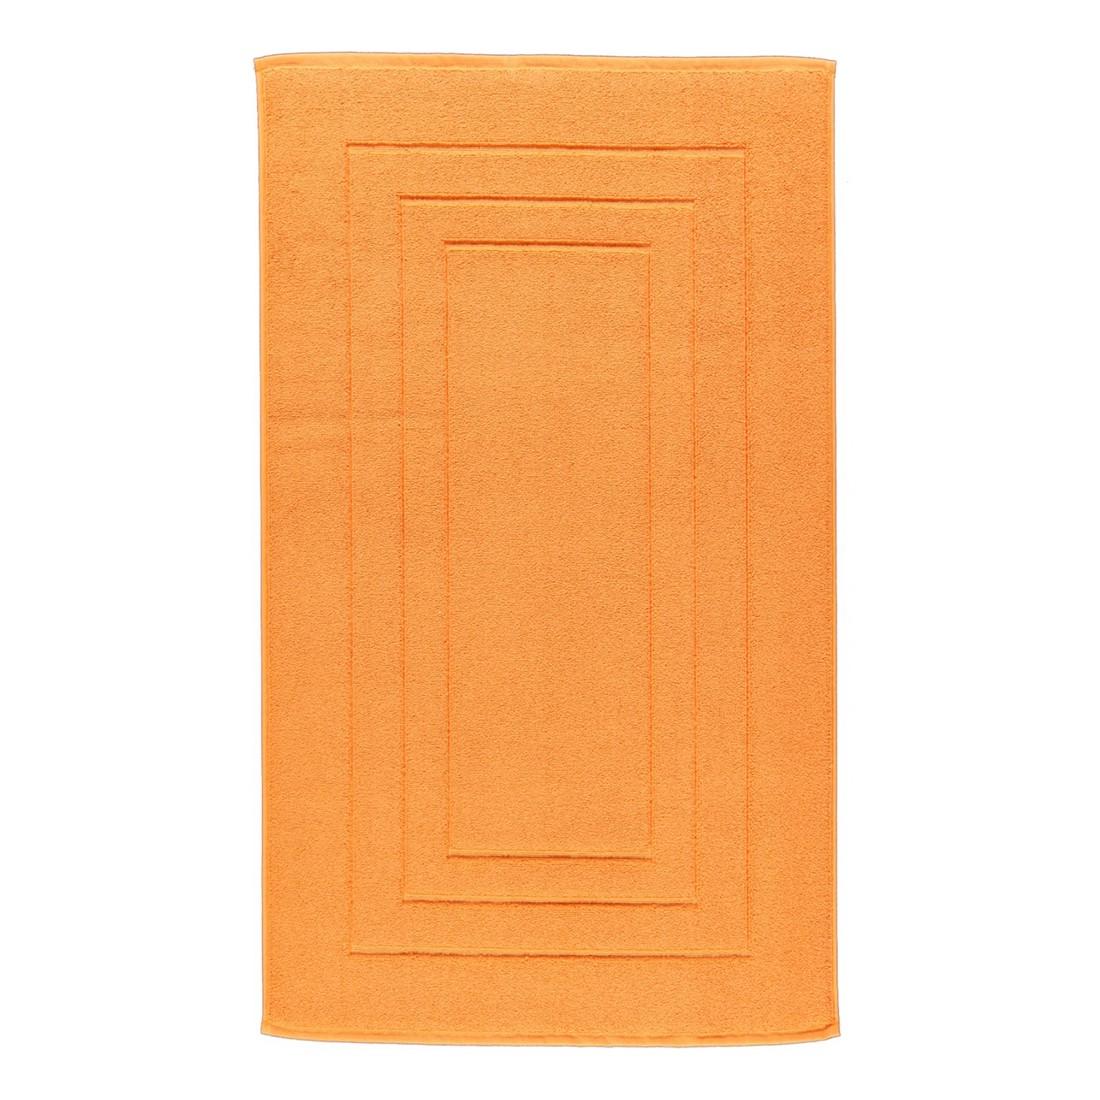 Badteppich Calypso Feeling – 100% Baumwolle nectarin – 246 – Toilettenvorlage: 59 x 59 cm, Vossen günstig online kaufen